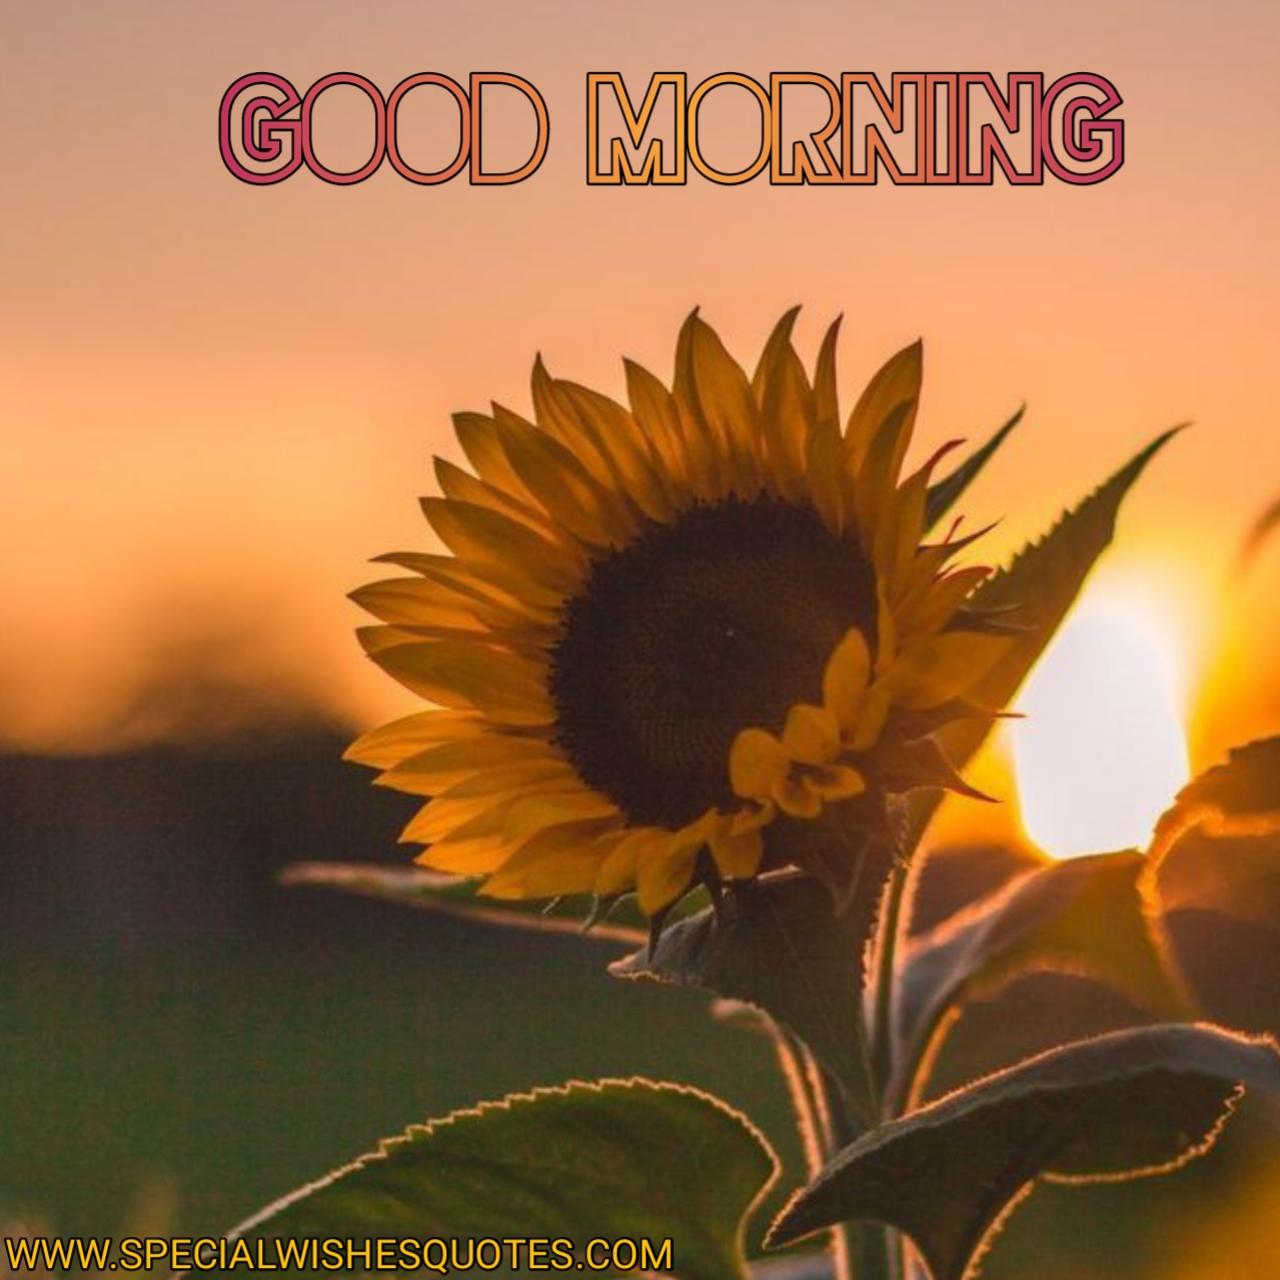 krishna good morning image